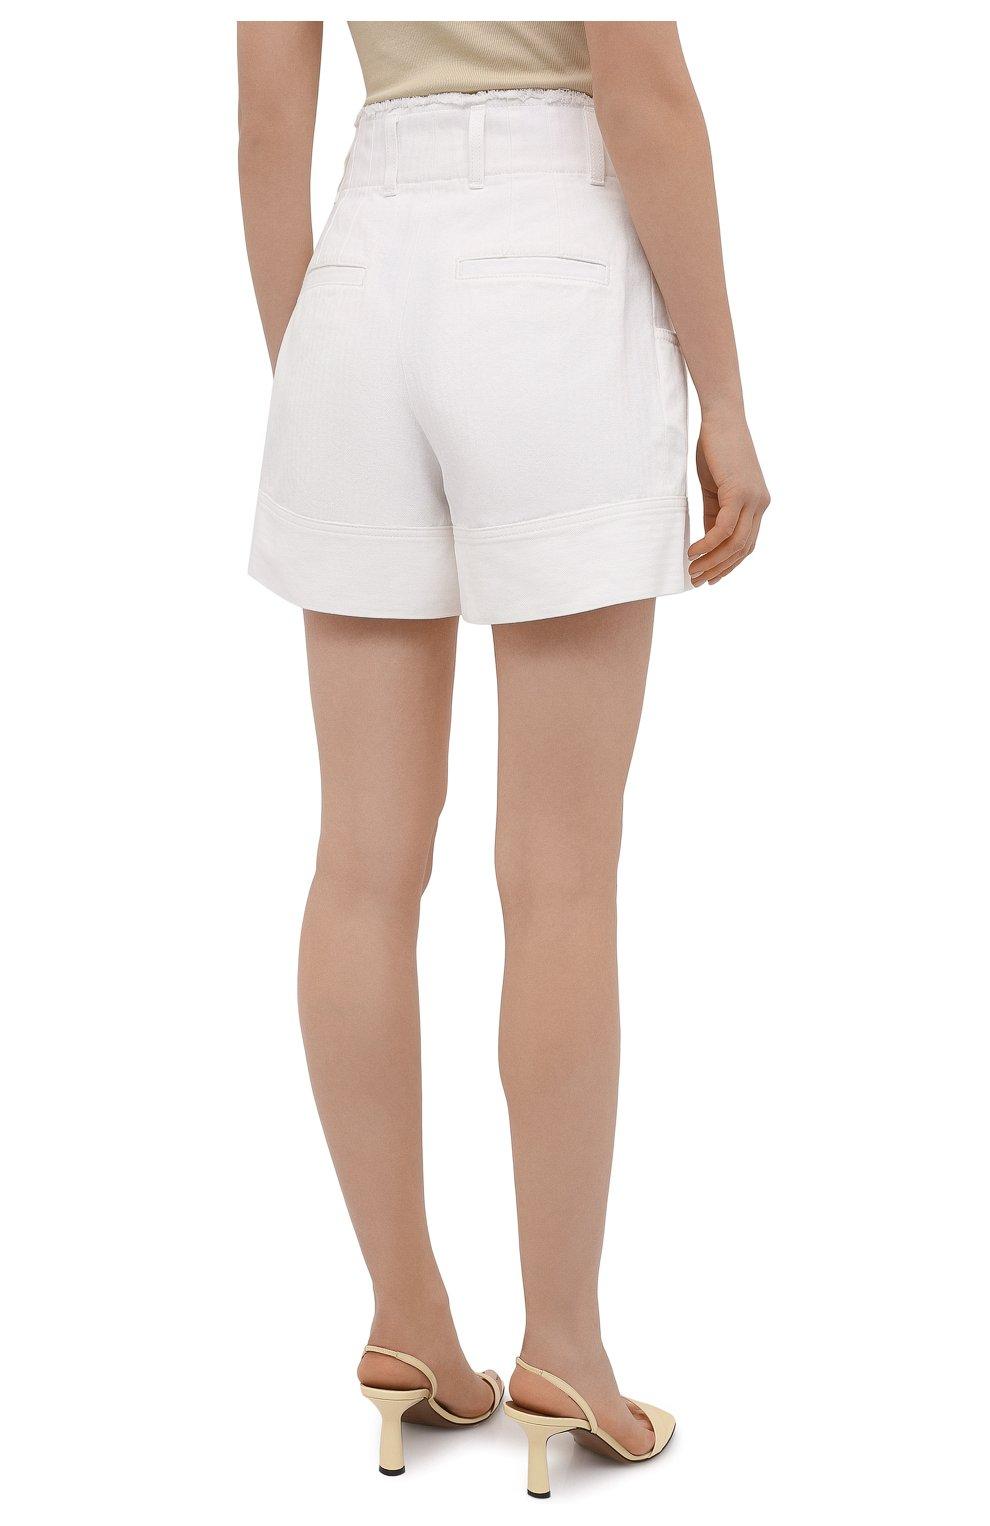 Женские джинсовые шорты CHLOÉ белого цвета, арт. CHC21UDS21048 | Фото 4 (Женское Кросс-КТ: Шорты-одежда; Кросс-КТ: Деним; Длина Ж (юбки, платья, шорты): Мини; Материал внешний: Хлопок; Стили: Романтичный)